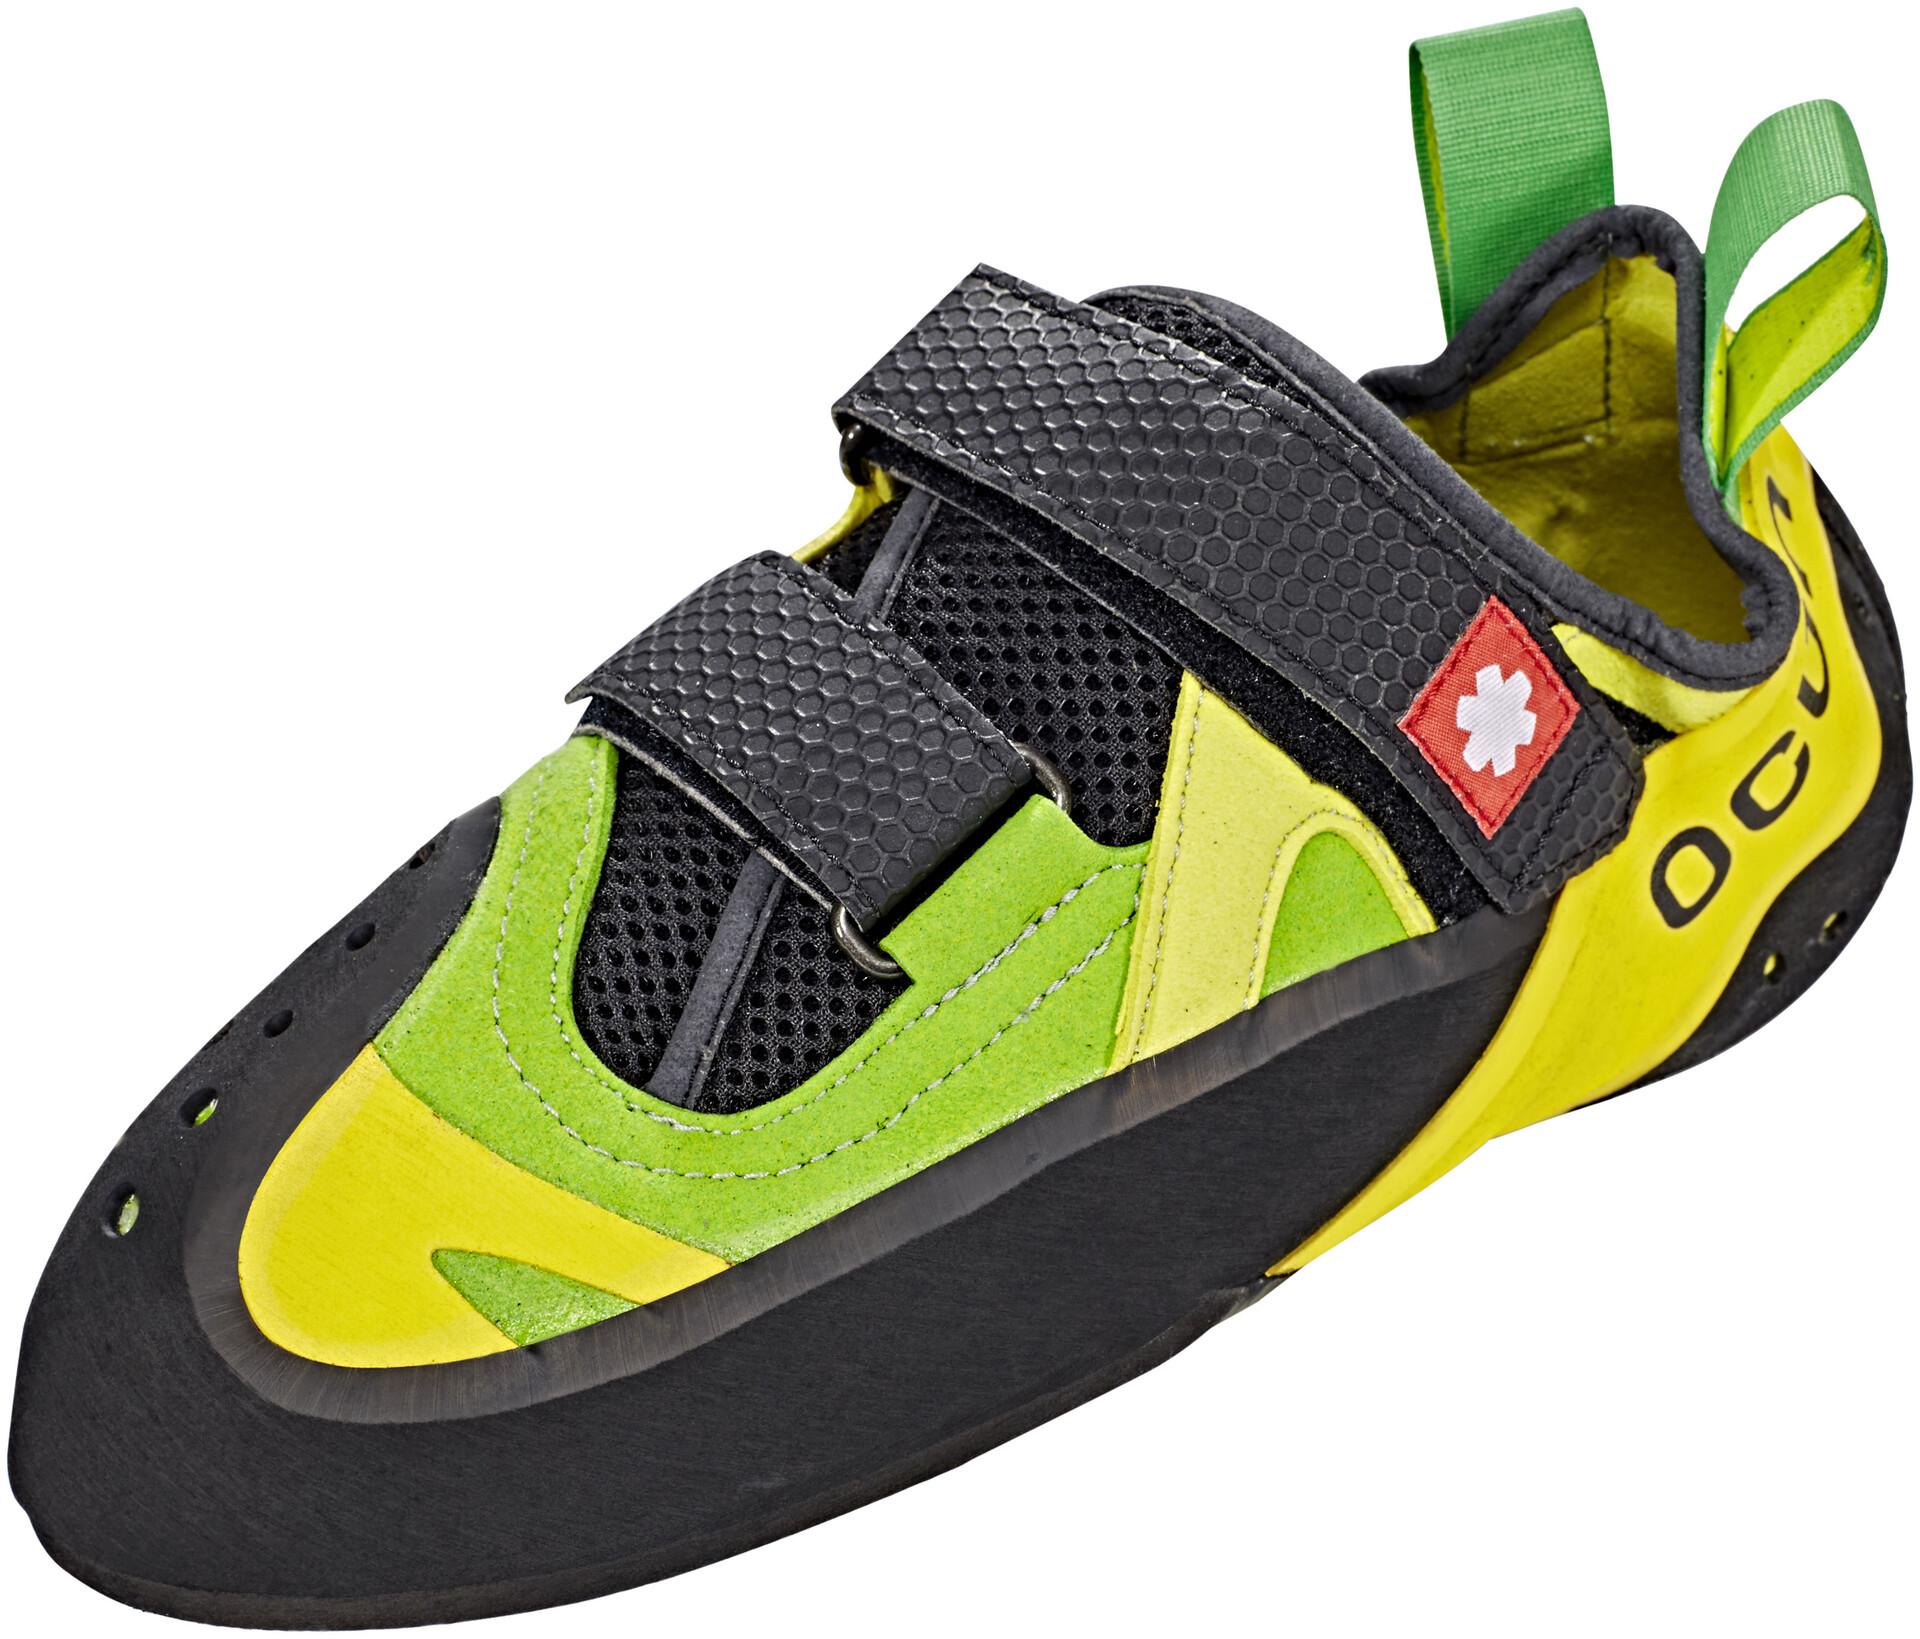 Ocun OXI QC